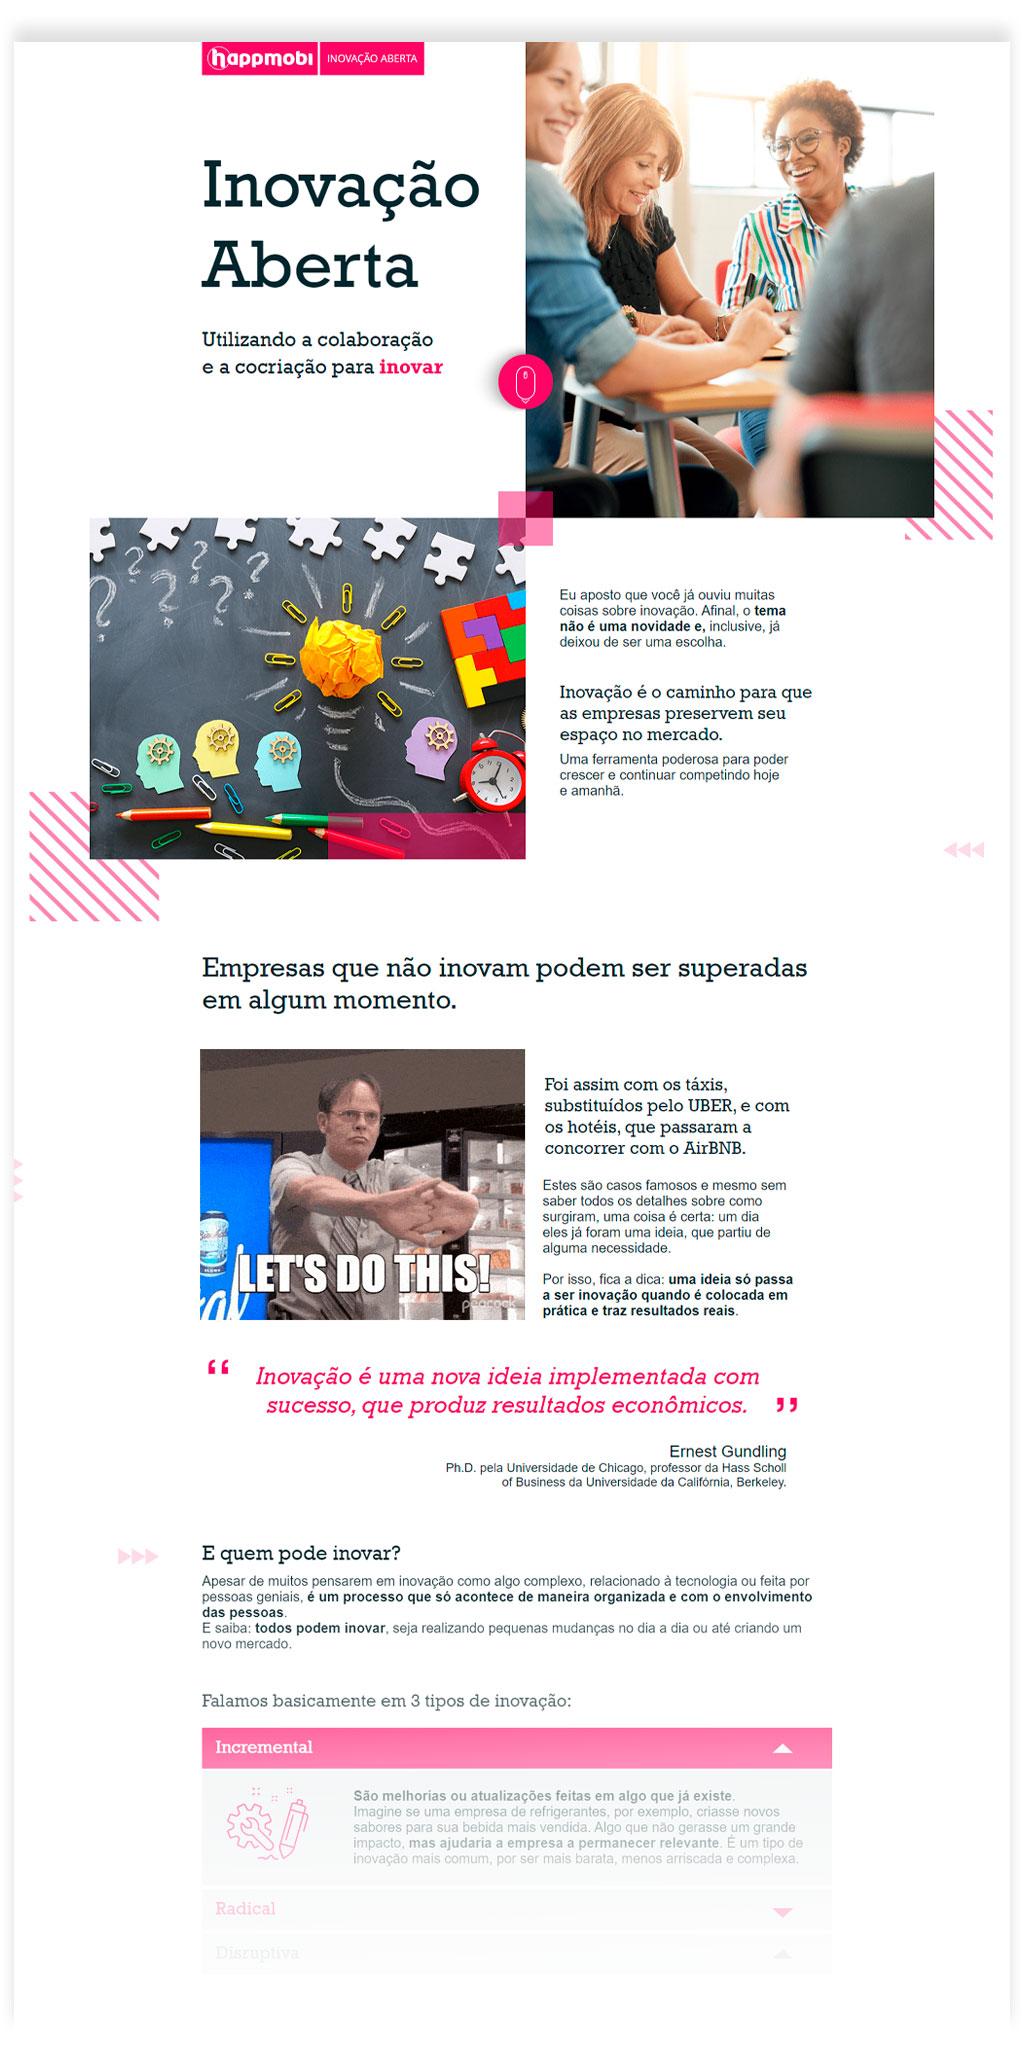 visual do curso inovação aberta happmobi